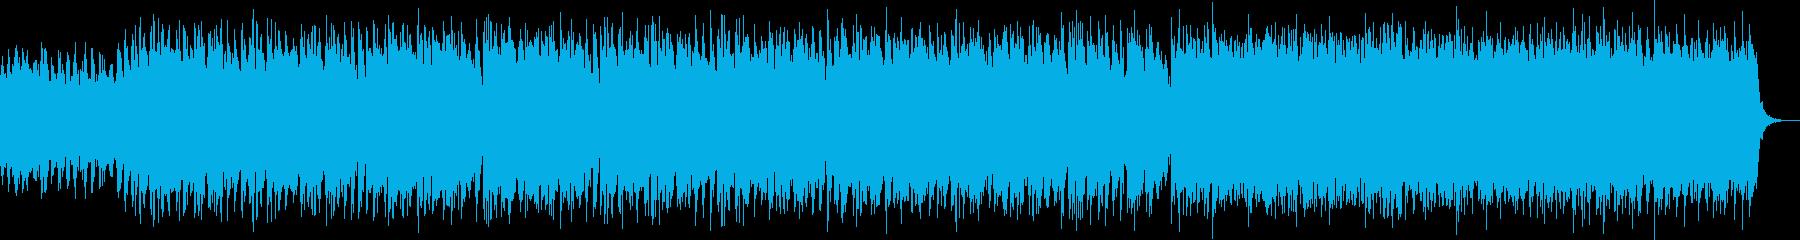 激しいストリングスが特徴的なBGMの再生済みの波形